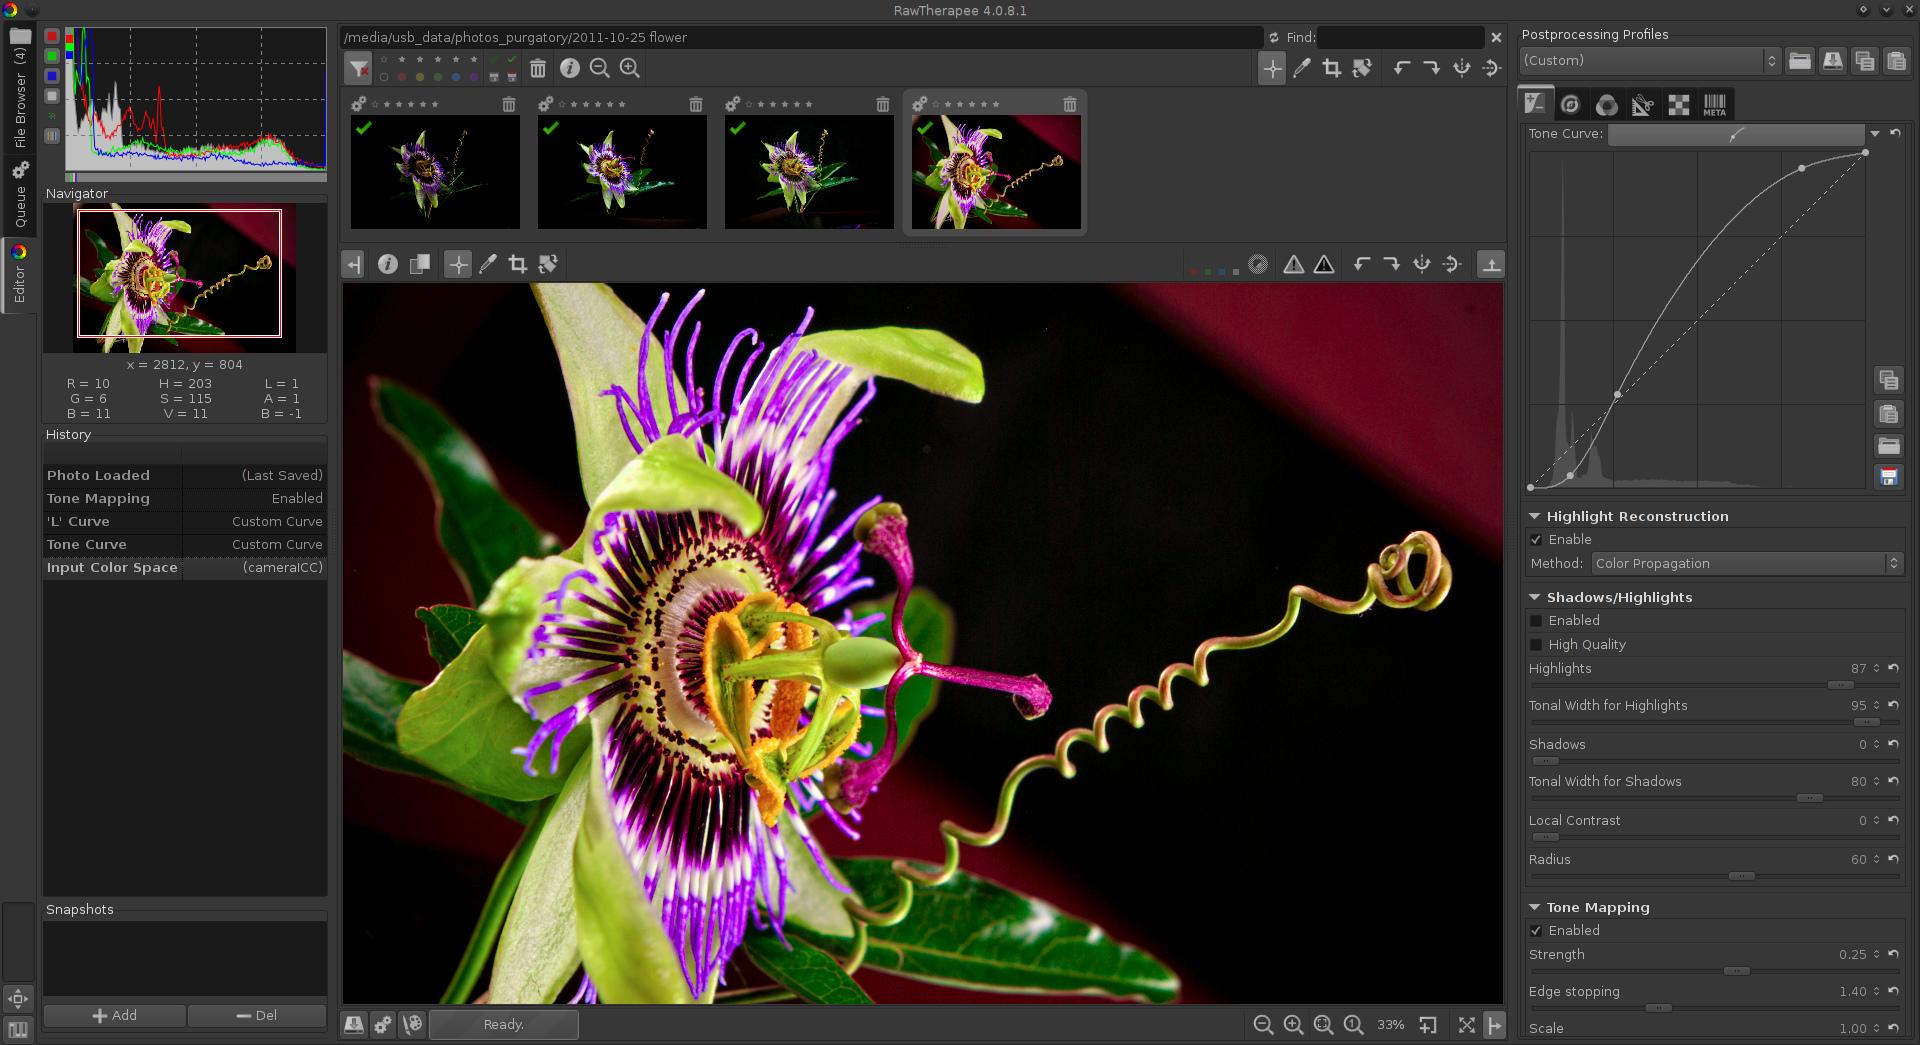 Rawtherapee поддерживает автоматическую обработку большого числа изображений (можно выбрать набор фотографий и выполнить для всех типовое действие), при обработке данных используются многопоточные алгоритмы что позволяет выполнять длительные операции